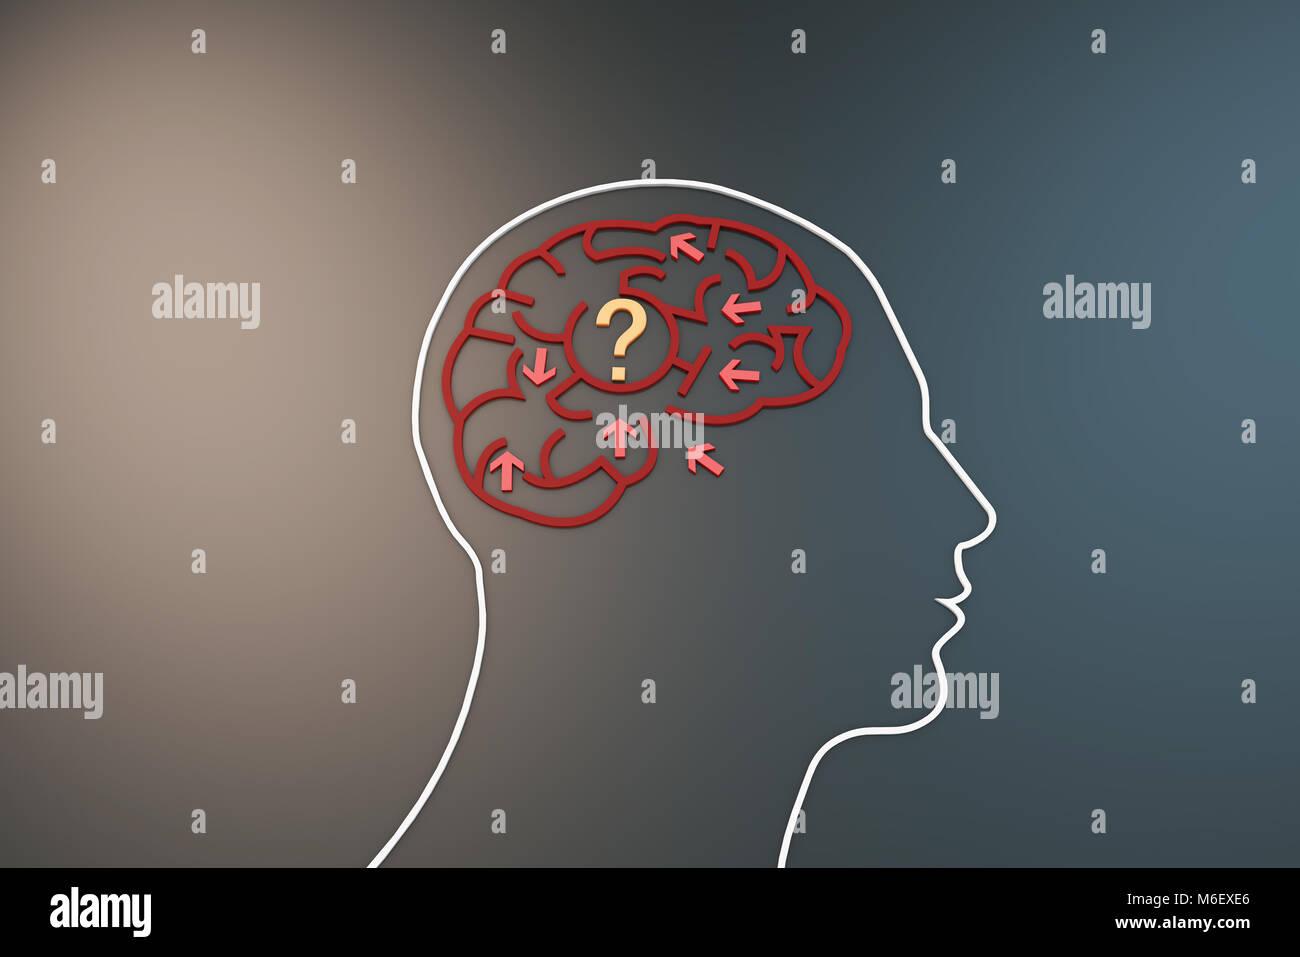 Cerebro con laberinto, flechas, caótica confusión de pensamiento Imagen De Stock